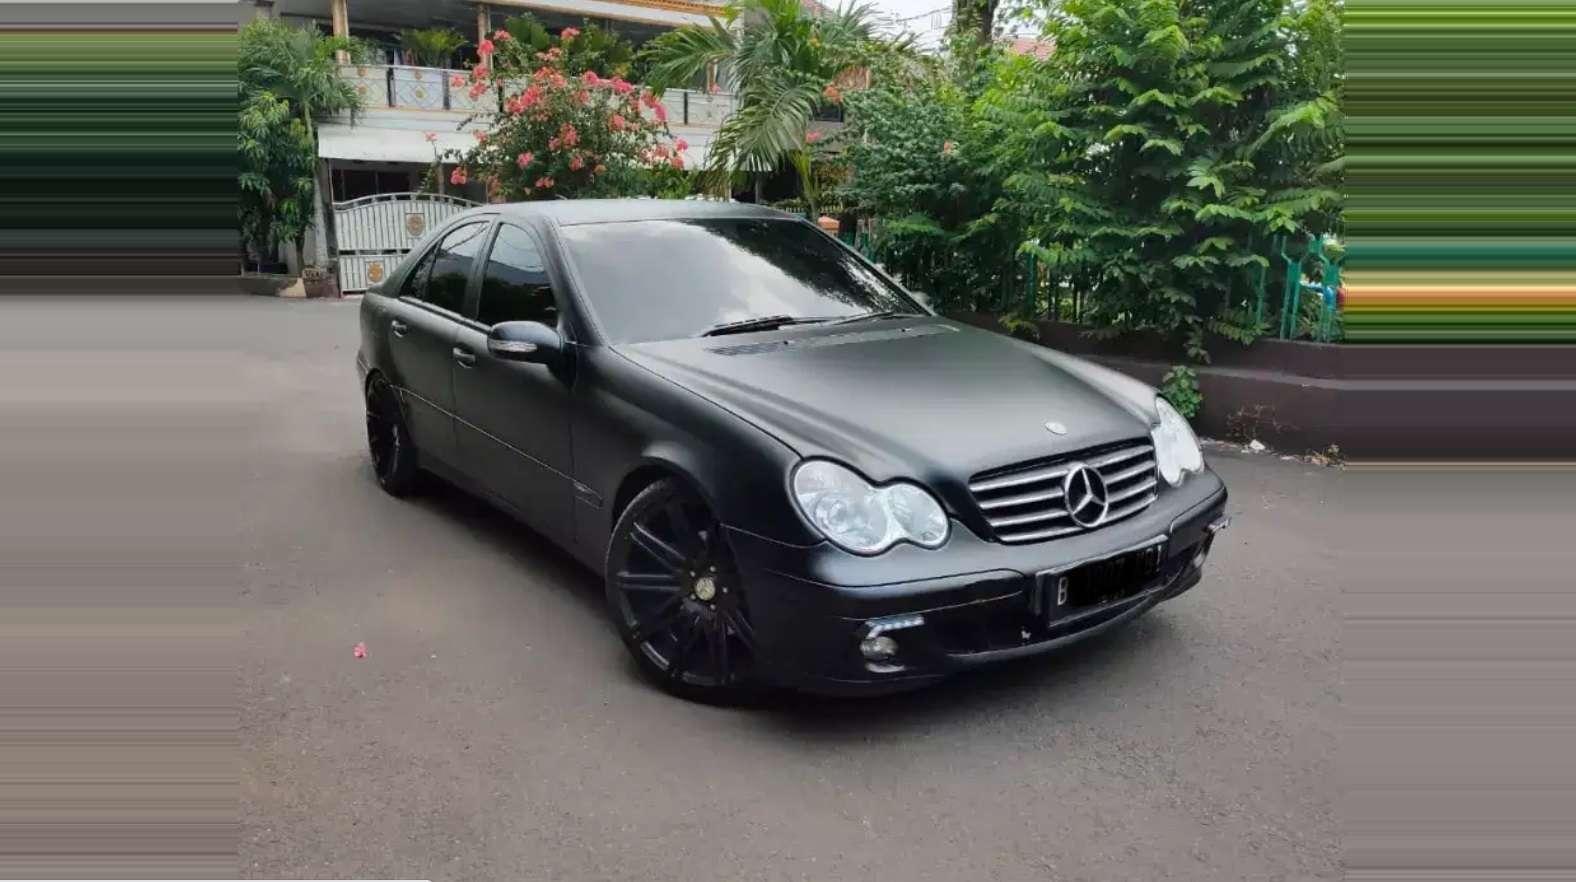 Daftar Mobil Mercedes Benz Di Atas Tahun 2000 An Harganya Kurang Dari Rp 100 Juta